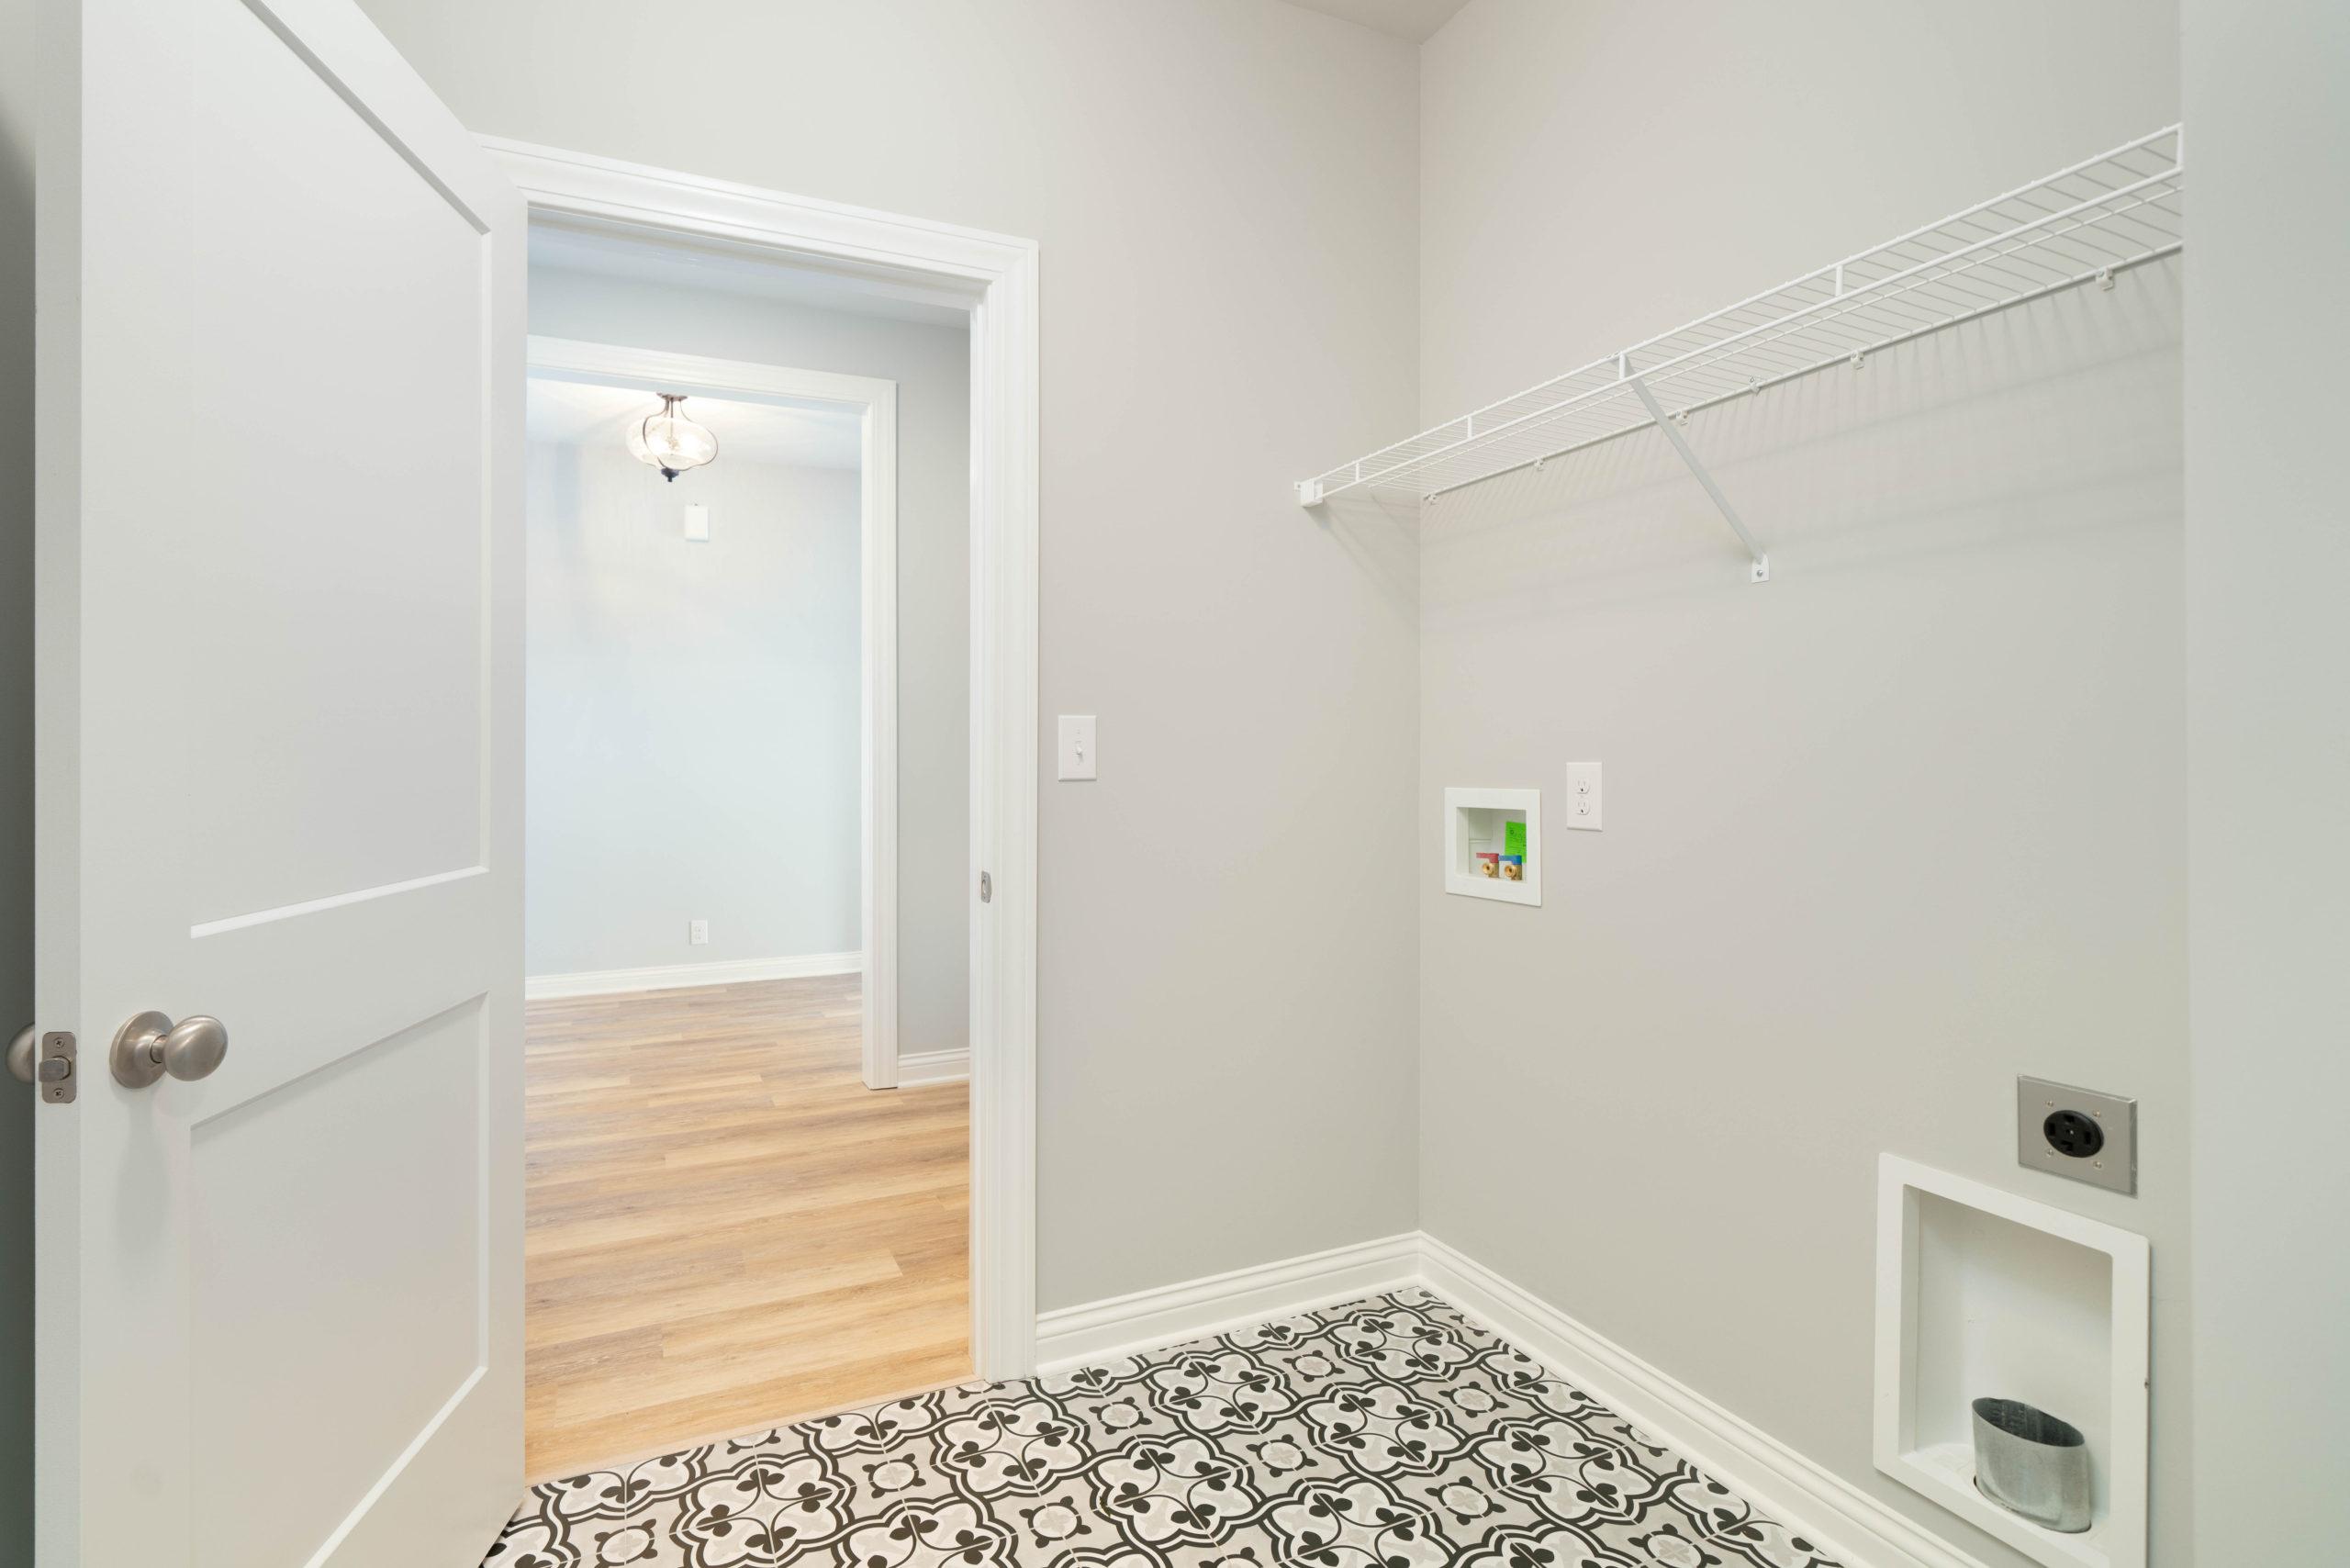 geometric tile floors in laundry room